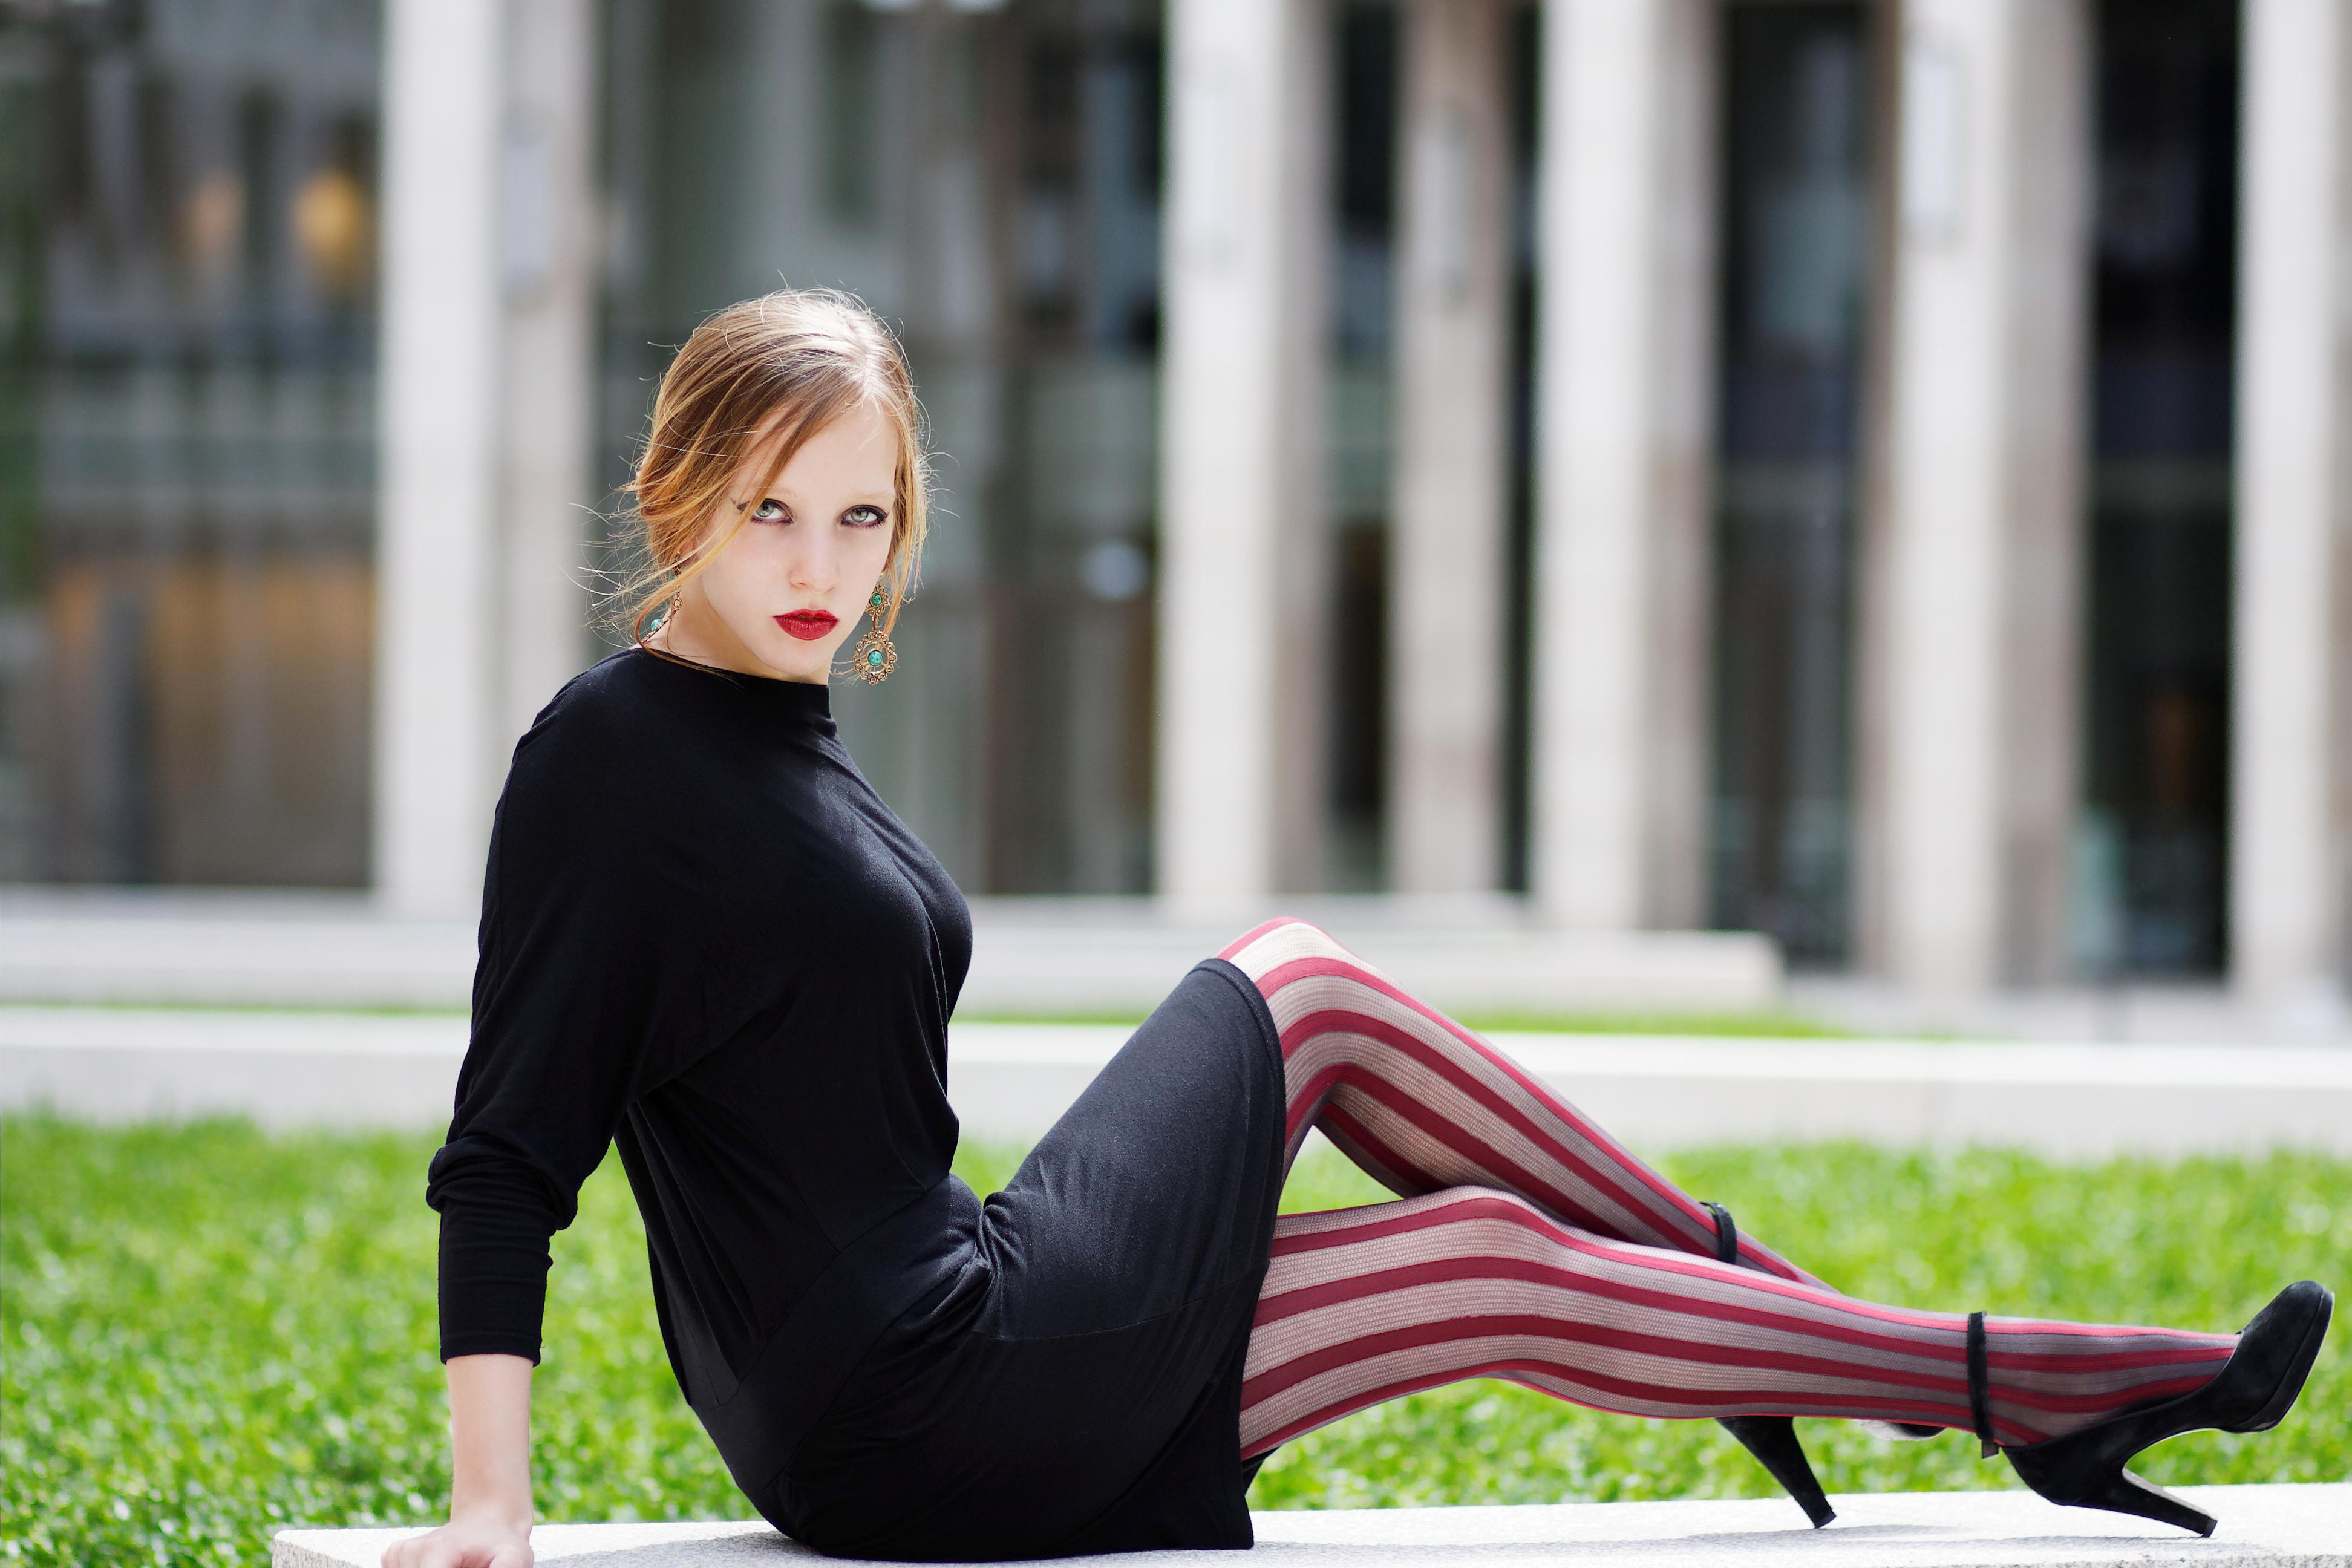 Wallpaper  Face, Model, Sunset, Legs, Sitting, Dress -2405